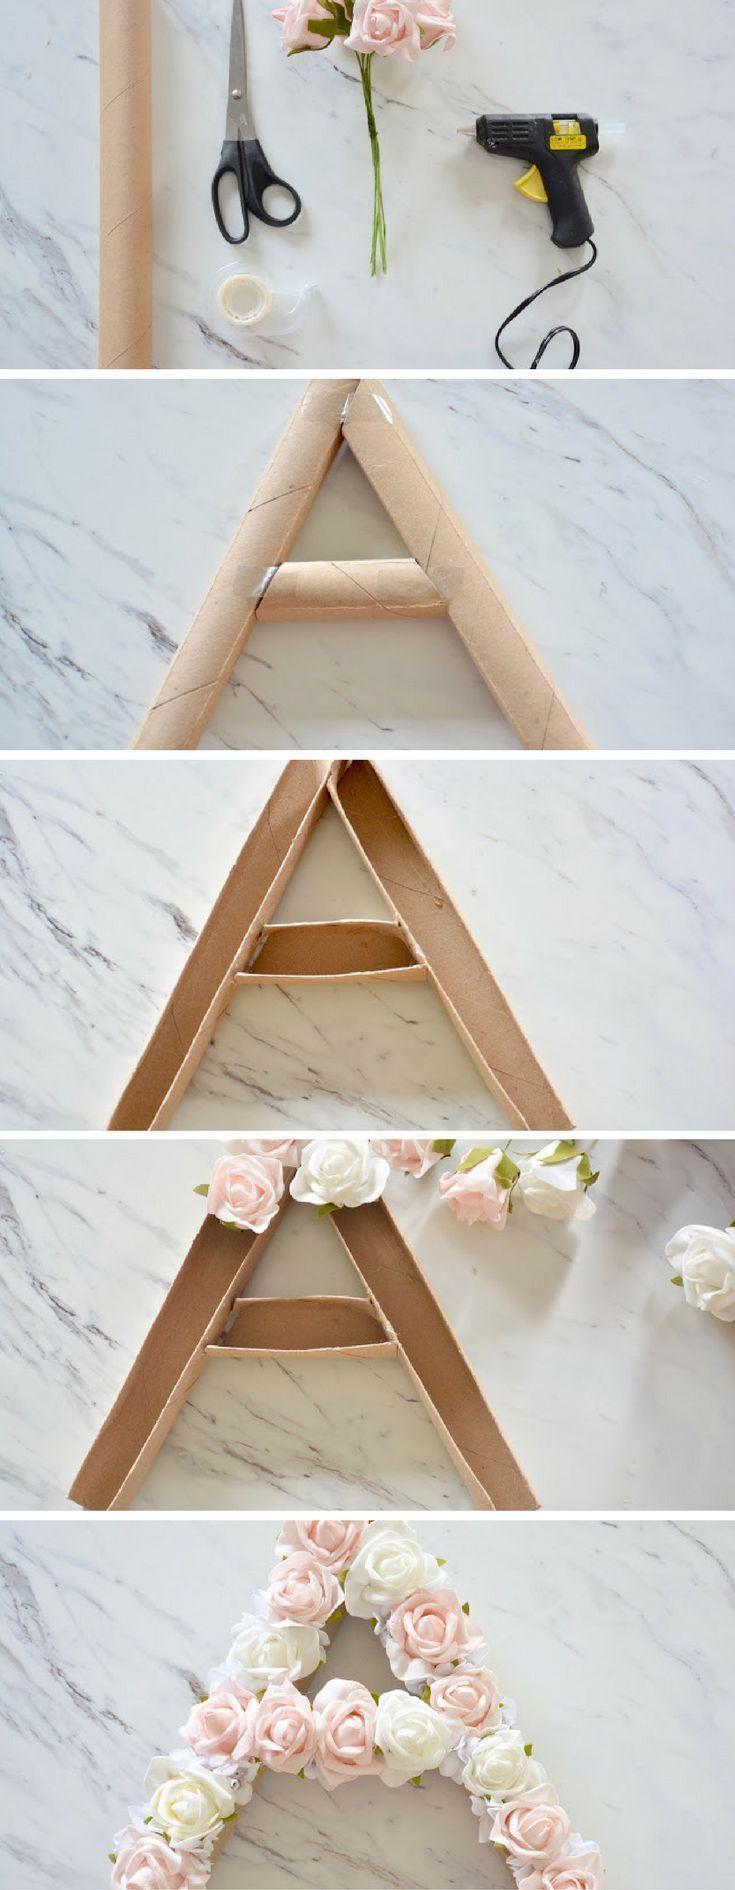 DIY Flower Monogram - machen Sie dieses lustige und einfache Sommerdekor ...  #dieses #einfache #flower #lustige #machen #monogram #sommerdekor #decorationequipment